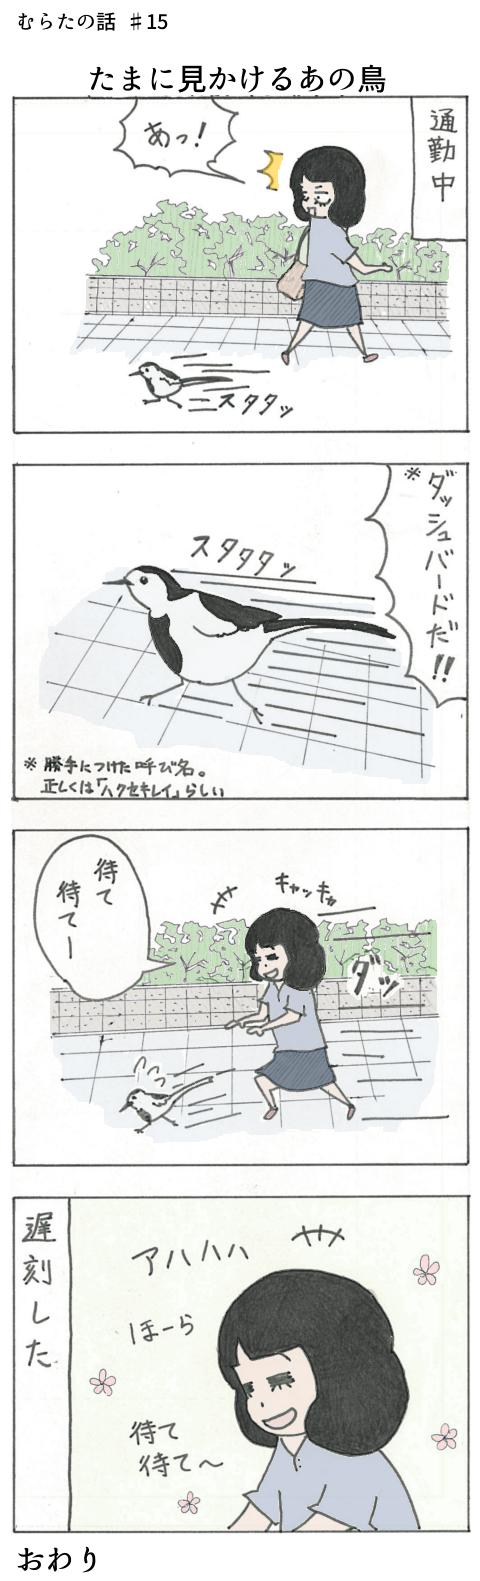 【むらたの話】たまに見かけるあの鳥